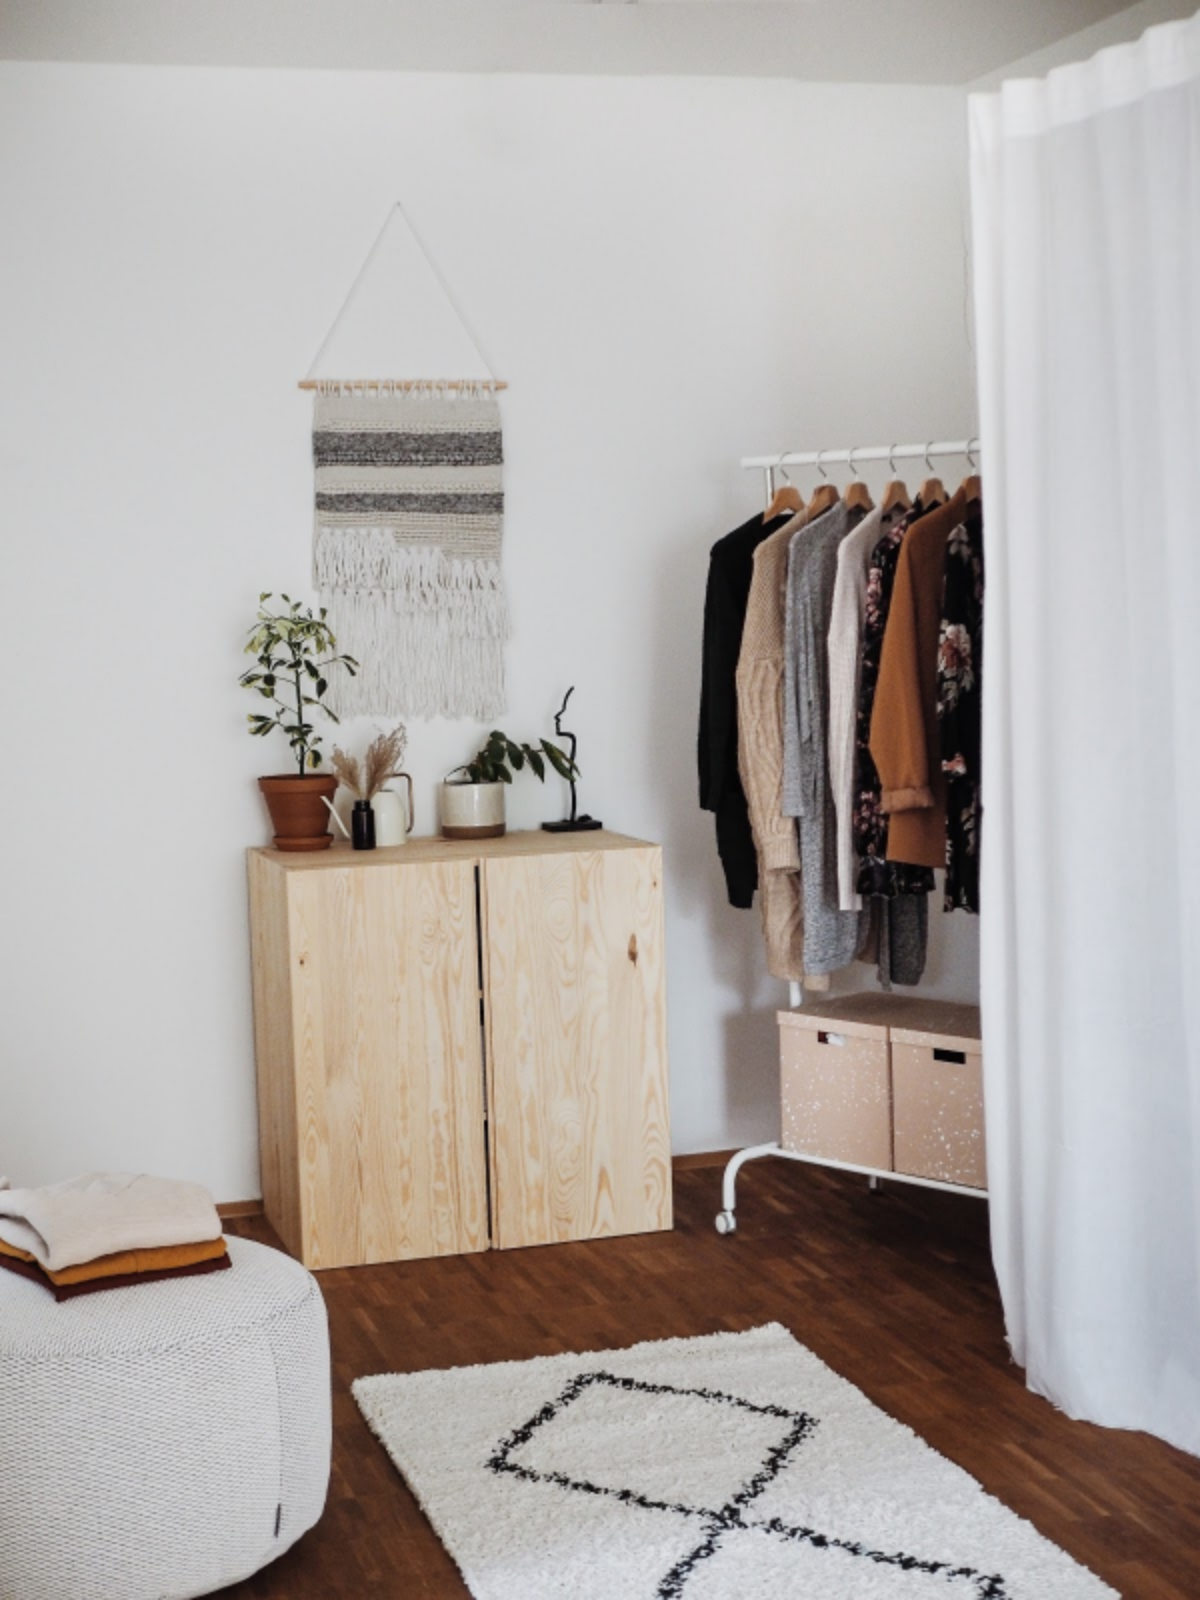 Bohemian Ankleidezimmer Einrichten In 2020 Ankleide Zimmer Haus Ankleidezimmer